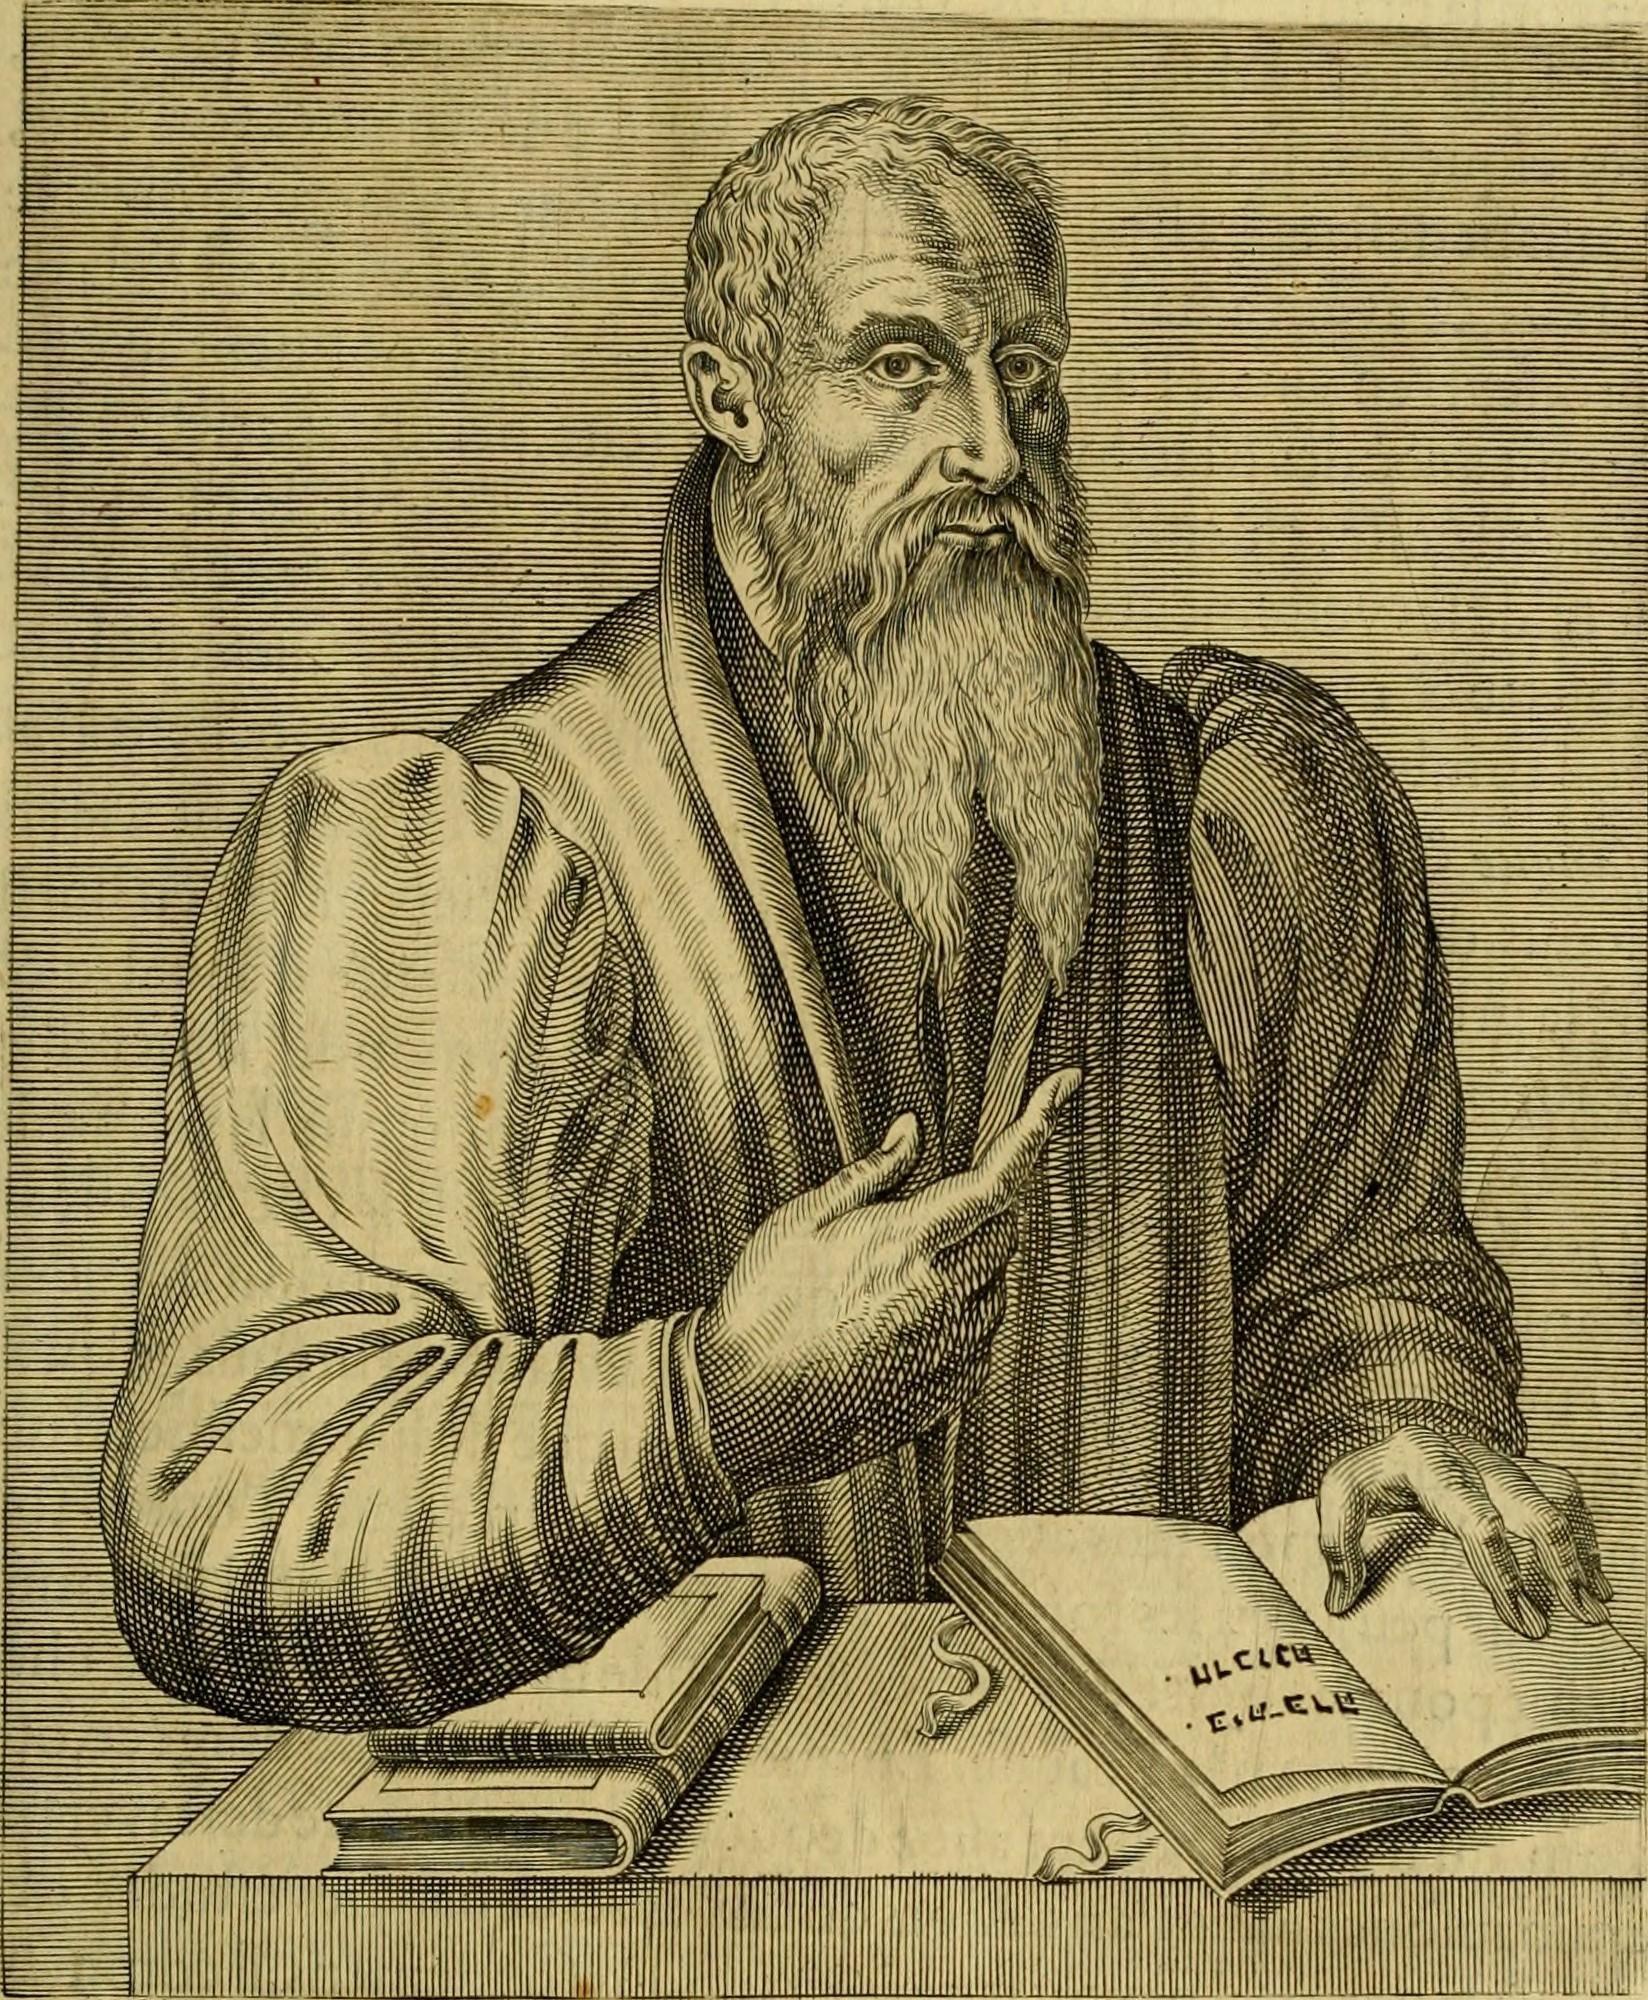 Postel as depicted in ''Les vrais pourtraits et vies des hommes illustres grecz, latins et payens'' (1584) by [[André Thevet